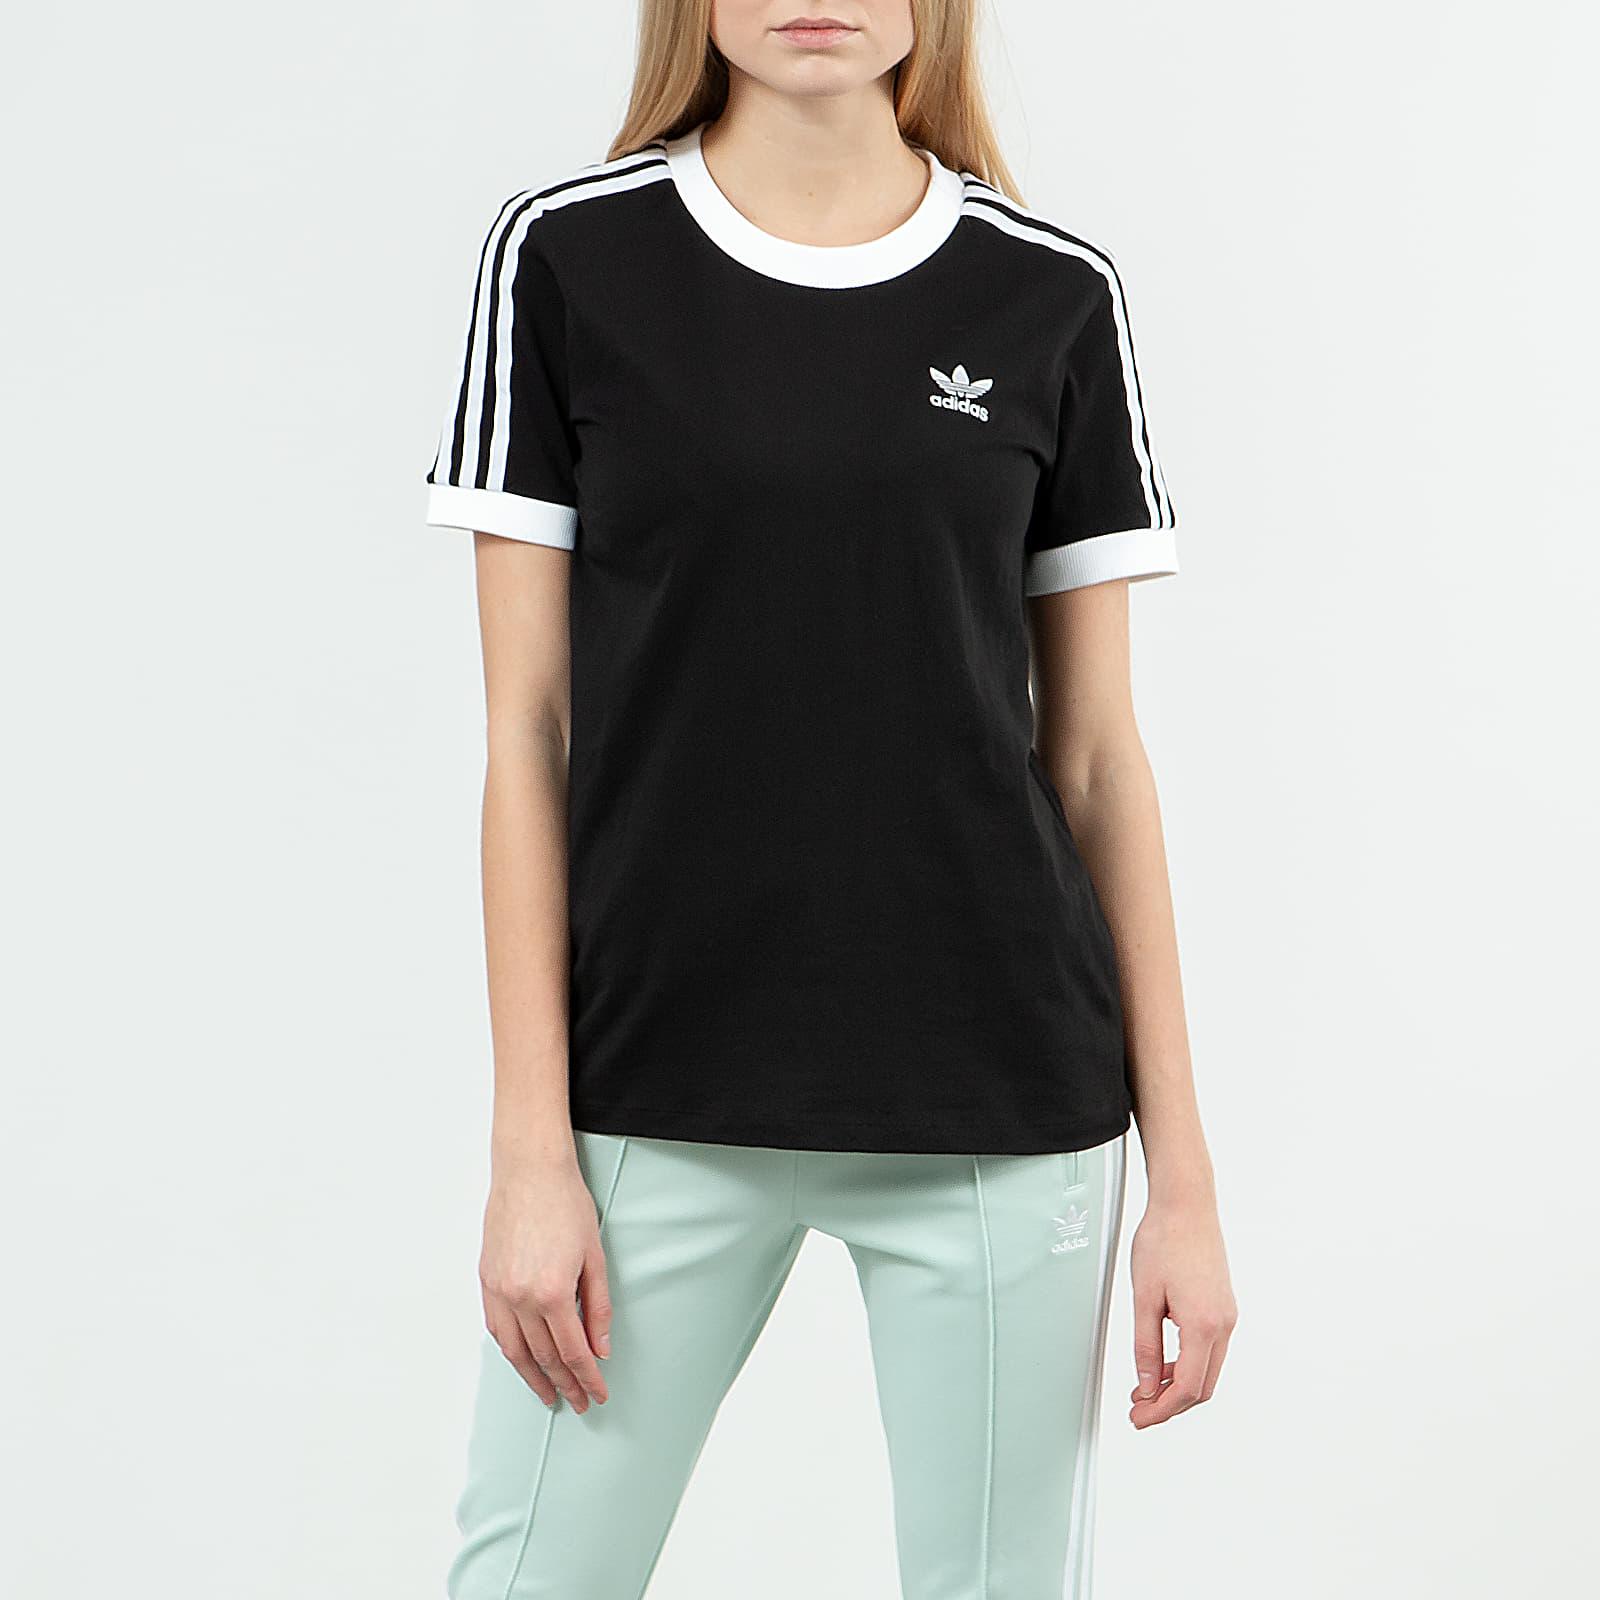 T-shirts adidas 3 Stripes Tee Black